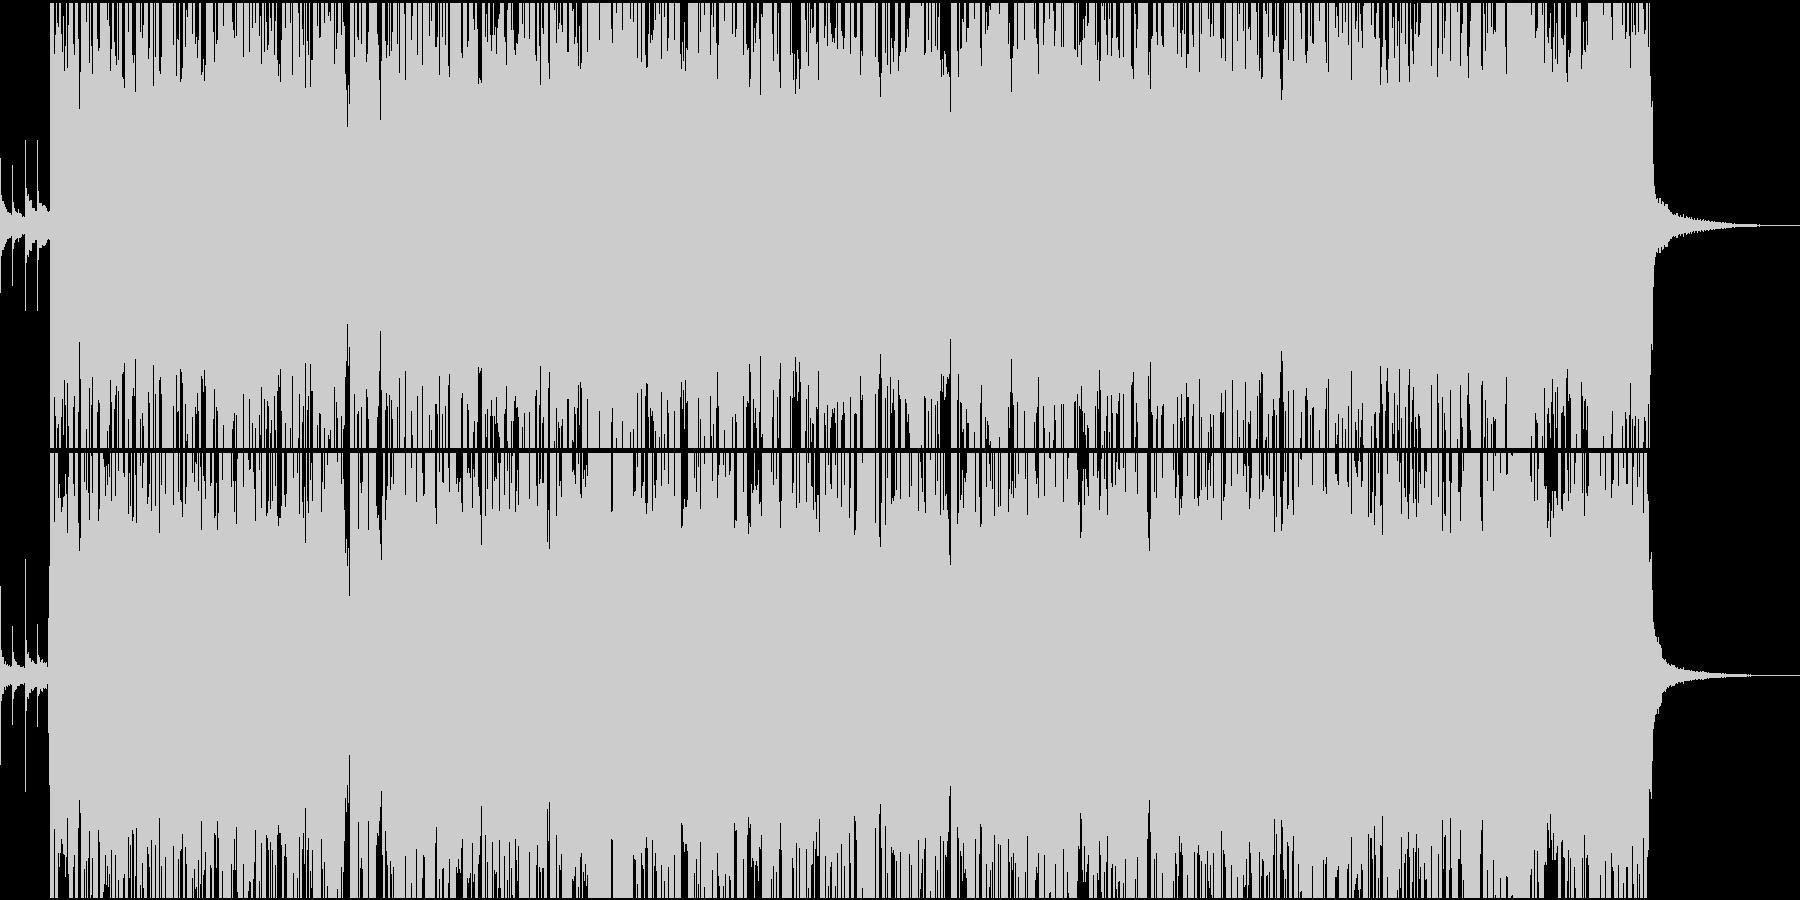 激しめのインスト曲の未再生の波形